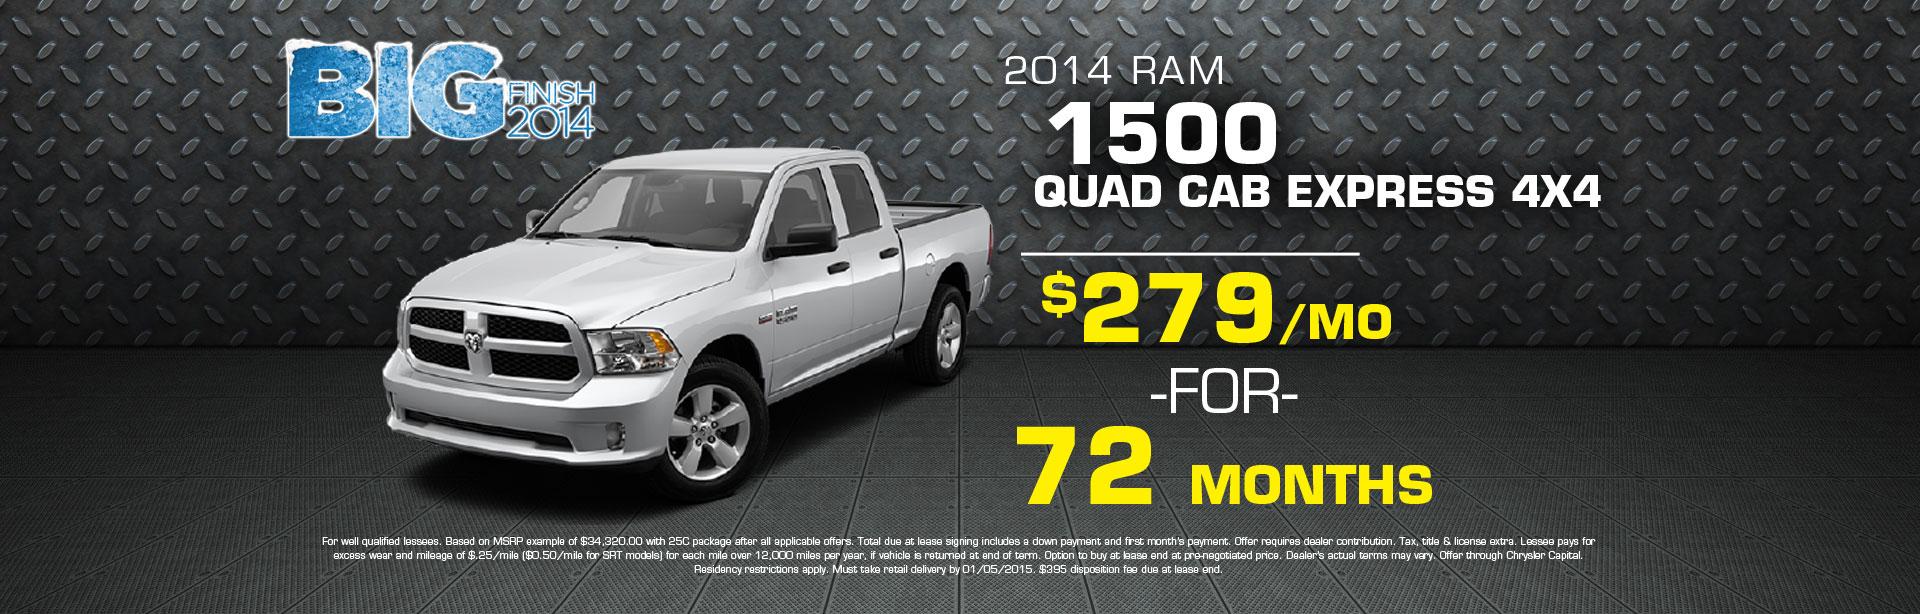 2014 Ram 1500 Quad Cab Express